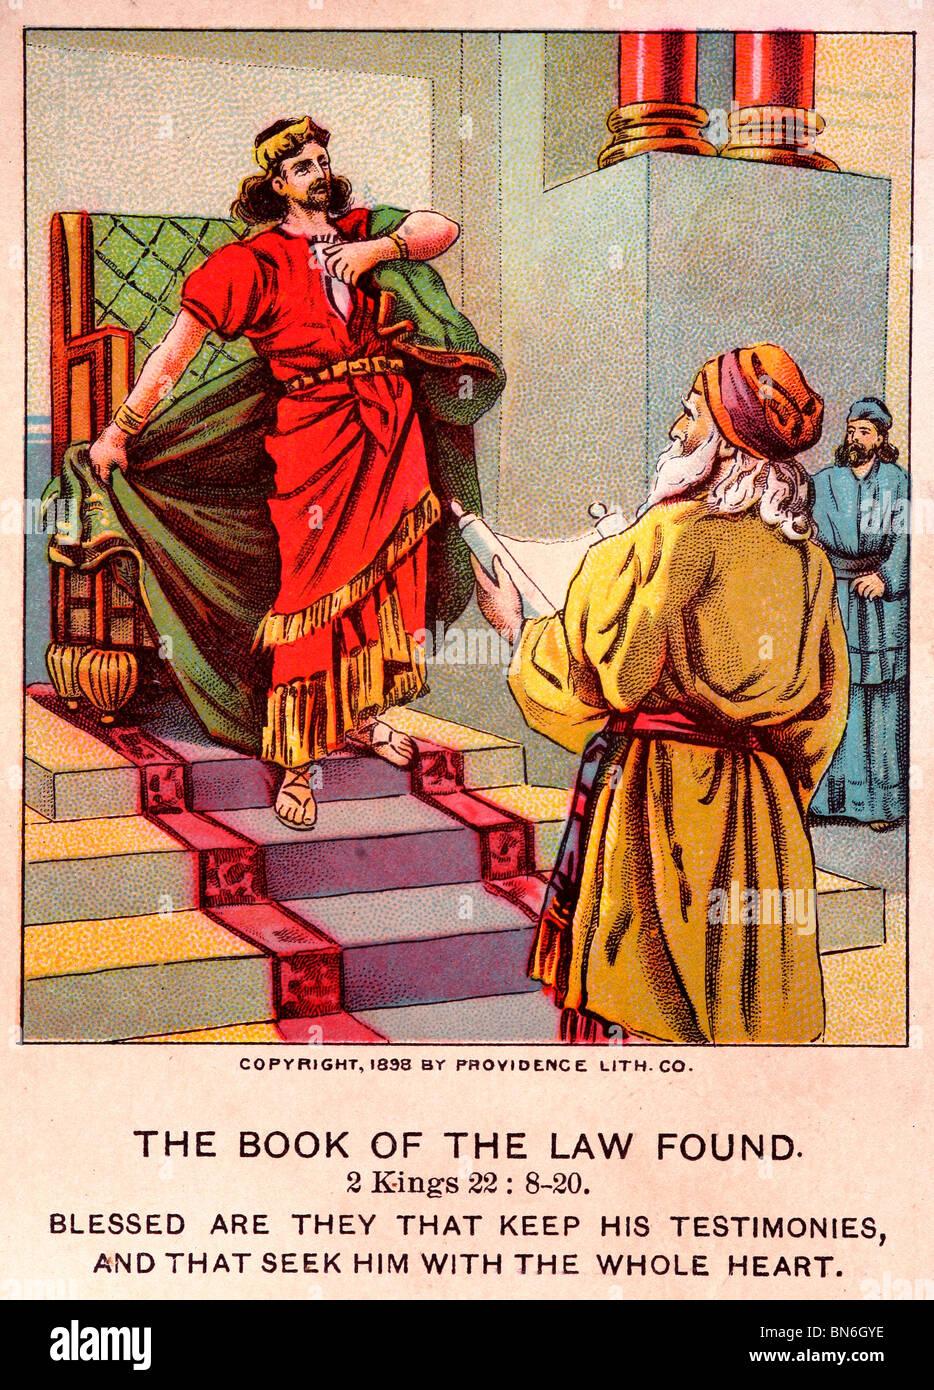 Ancienne Bible-Card l'oeuvre 'le livre de droit' trouvés Banque D'Images